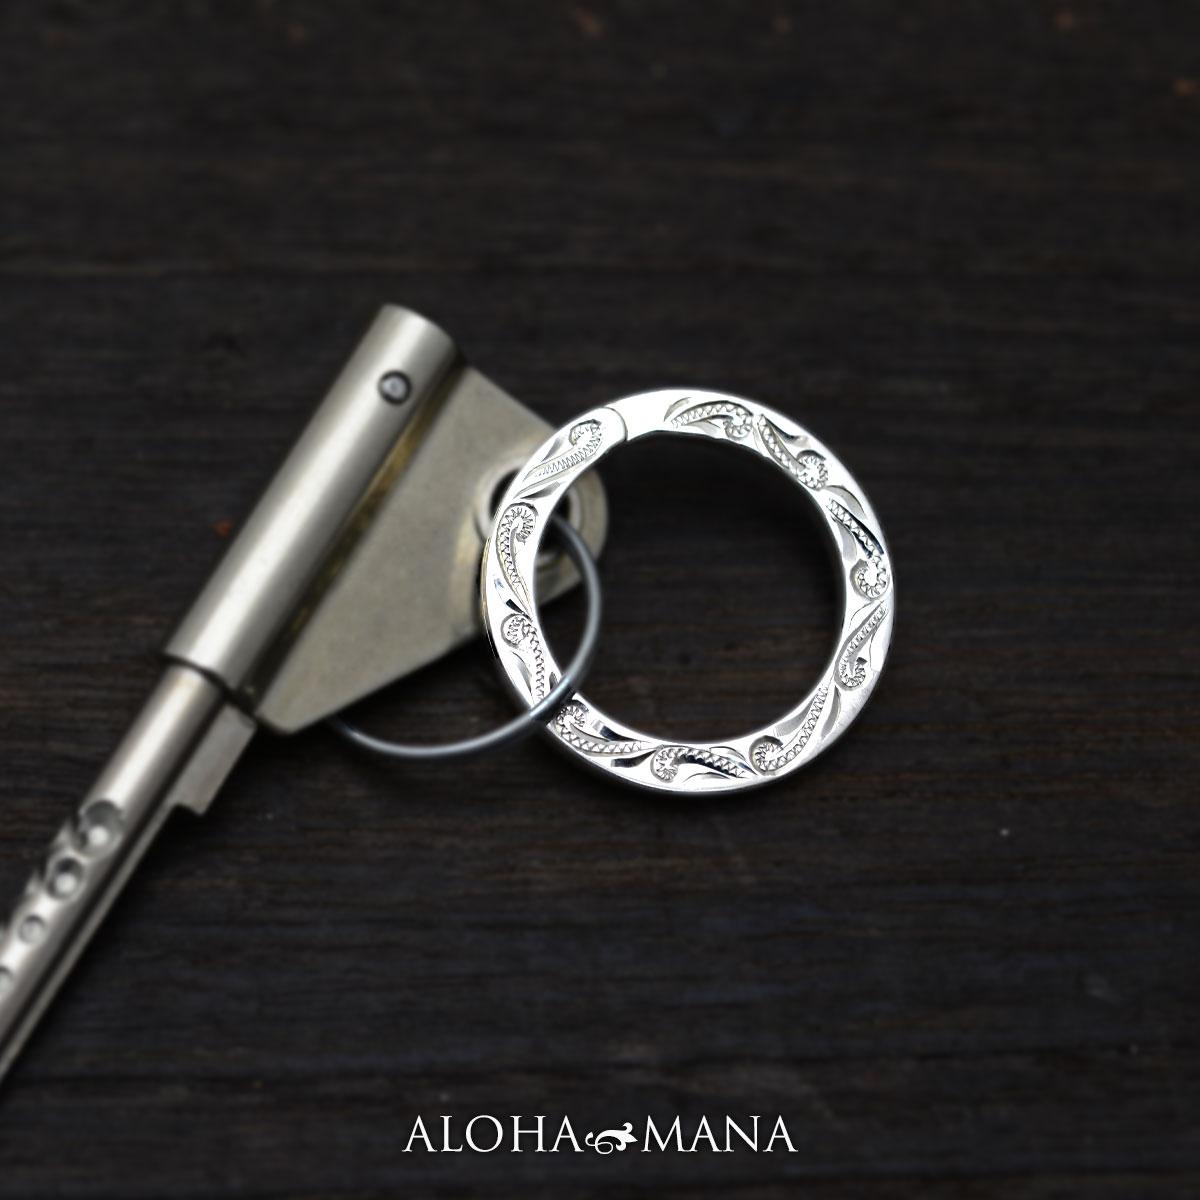 ハワイアンアクセサリー キーリング アクセサリー レディース メンズ シルバー スクロールキーリング awz1598/新作